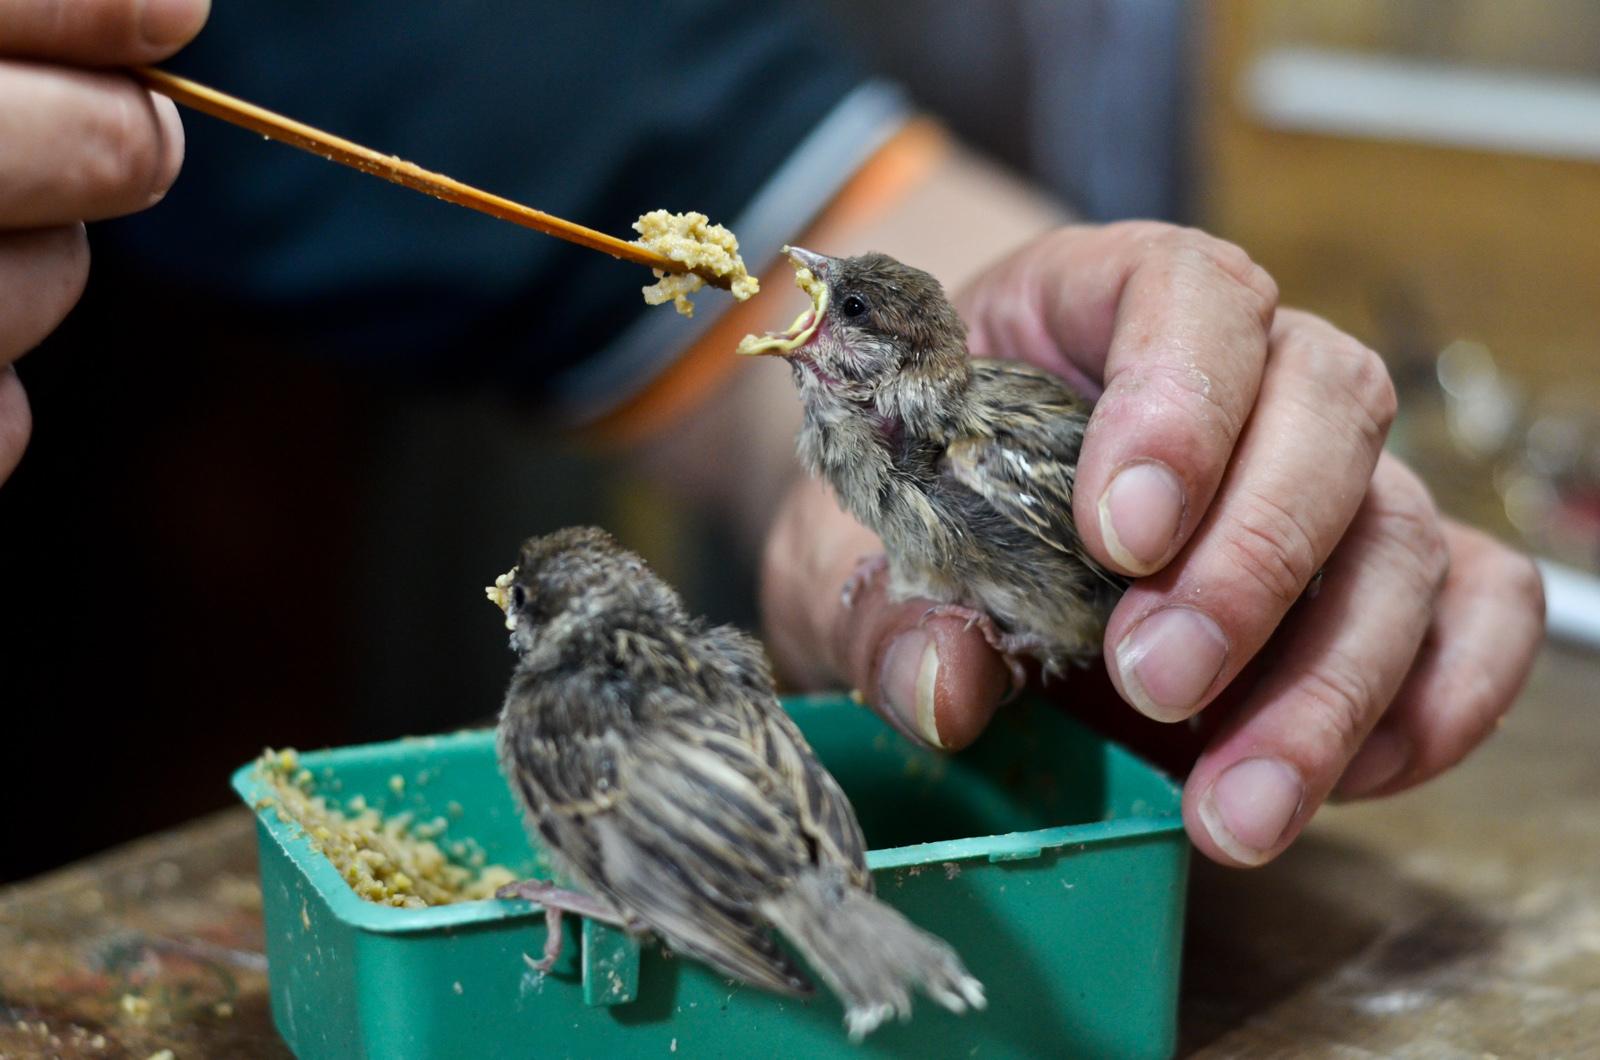 Oiseaux affamés